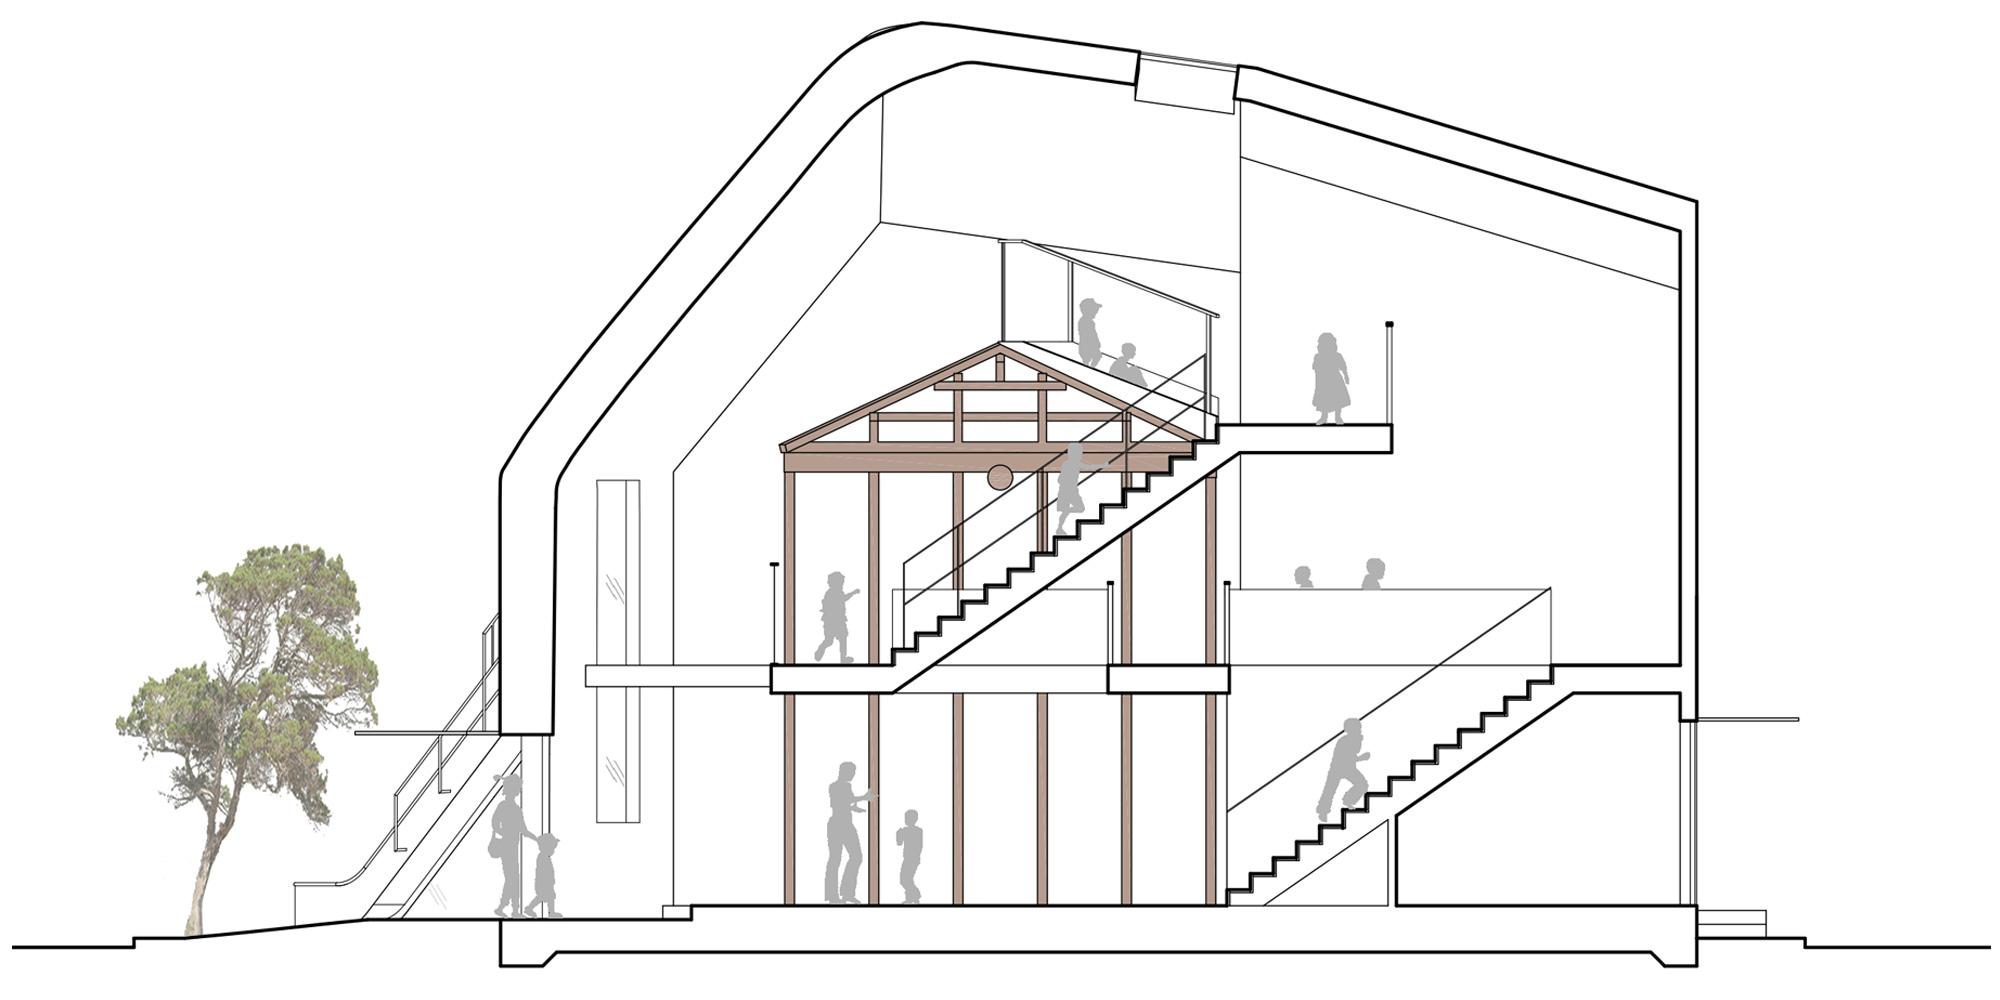 Sezione Longitudinale © MAD Architects